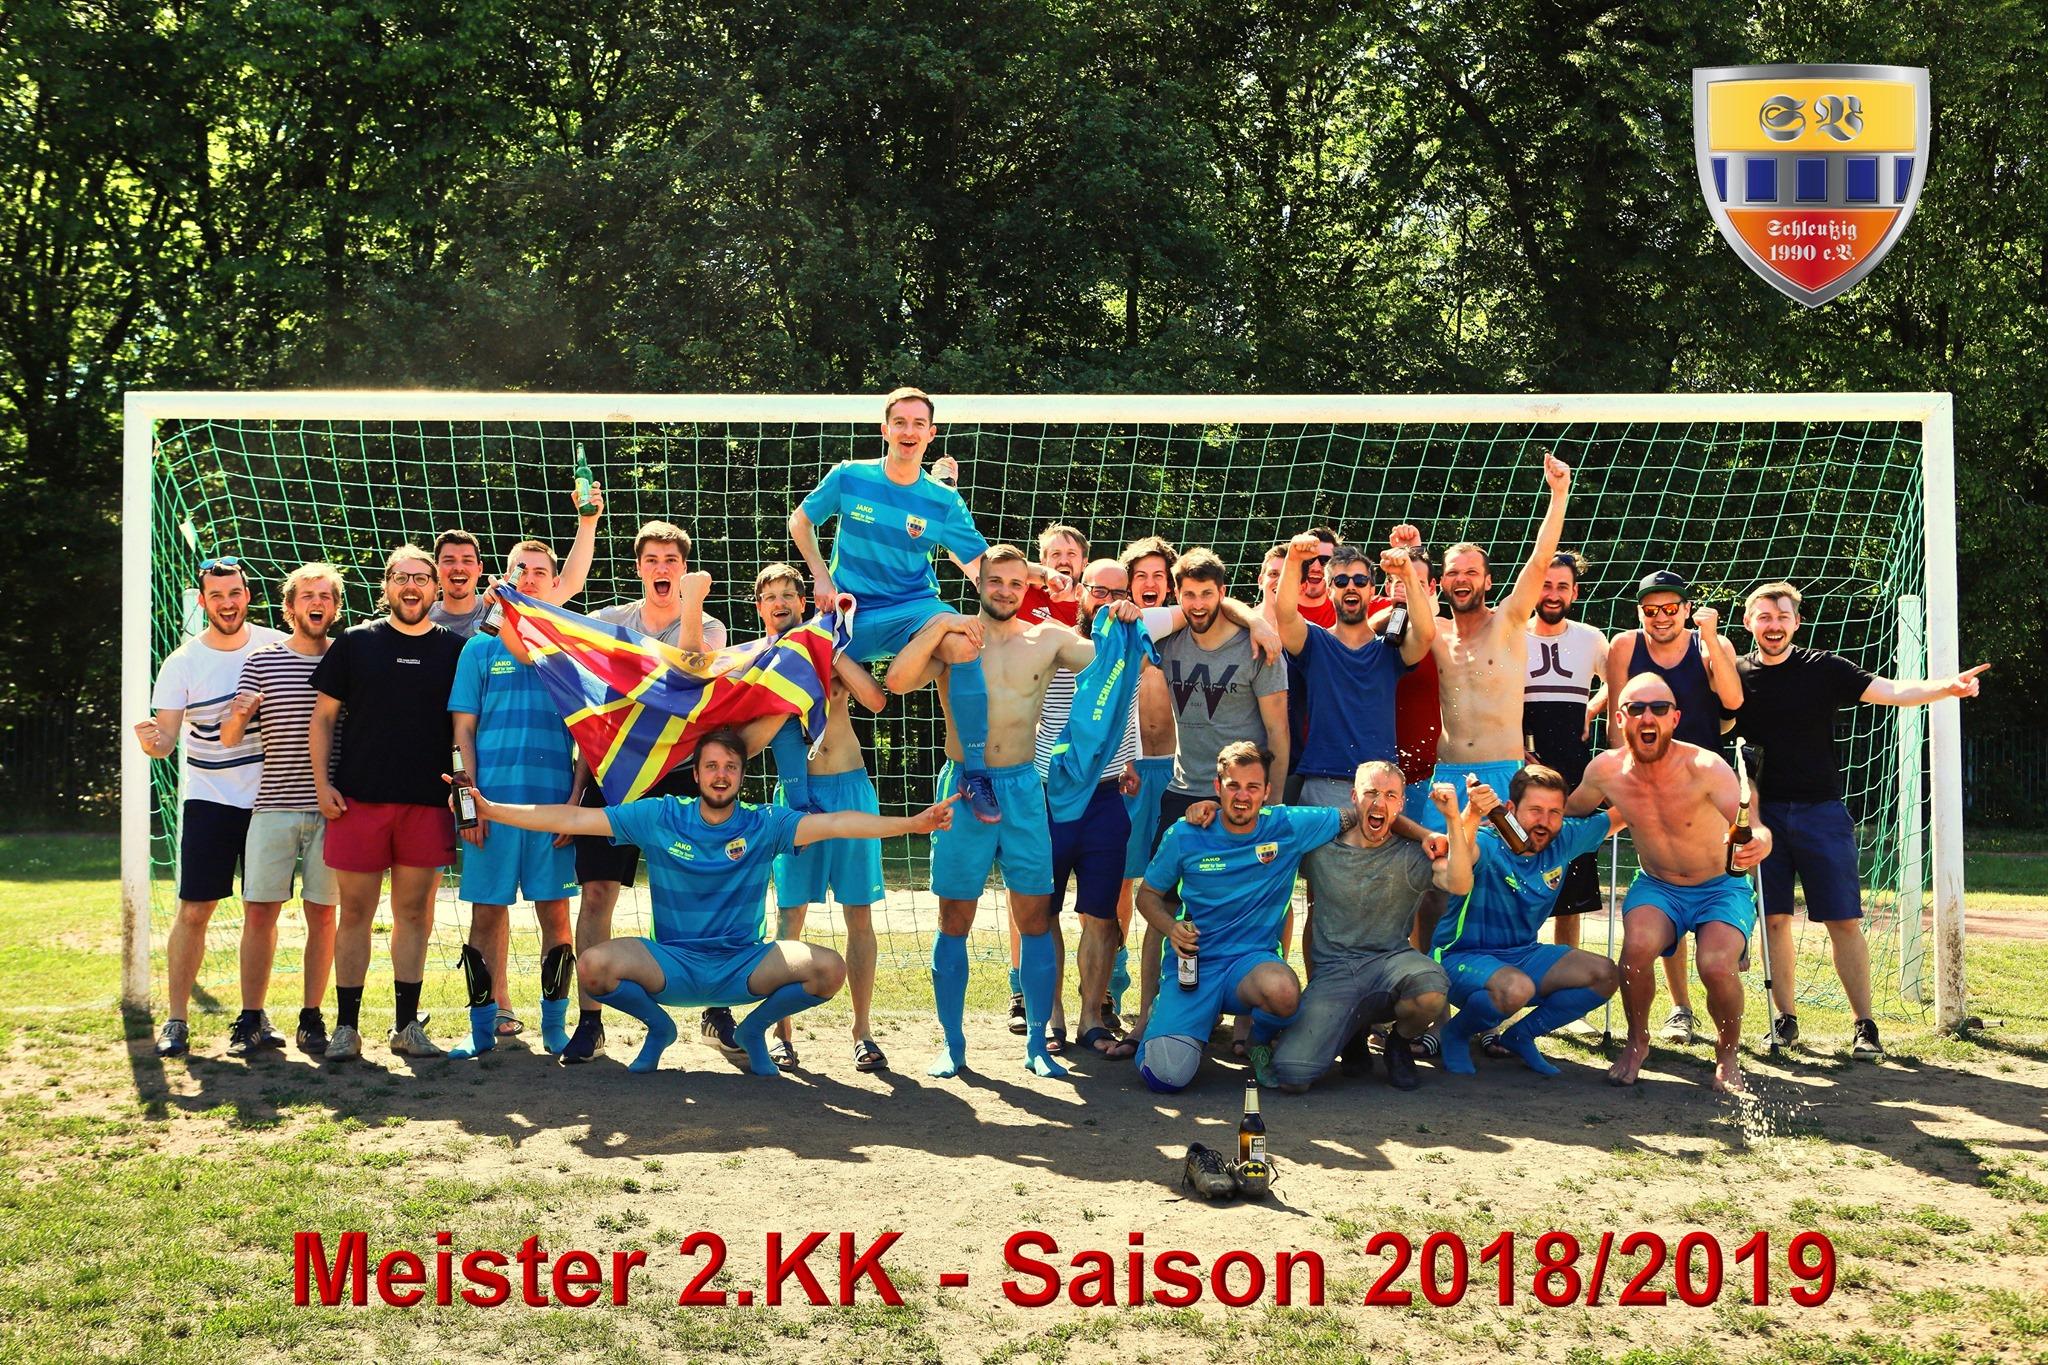 2. Herren: Meister 2.KK 2018/2019